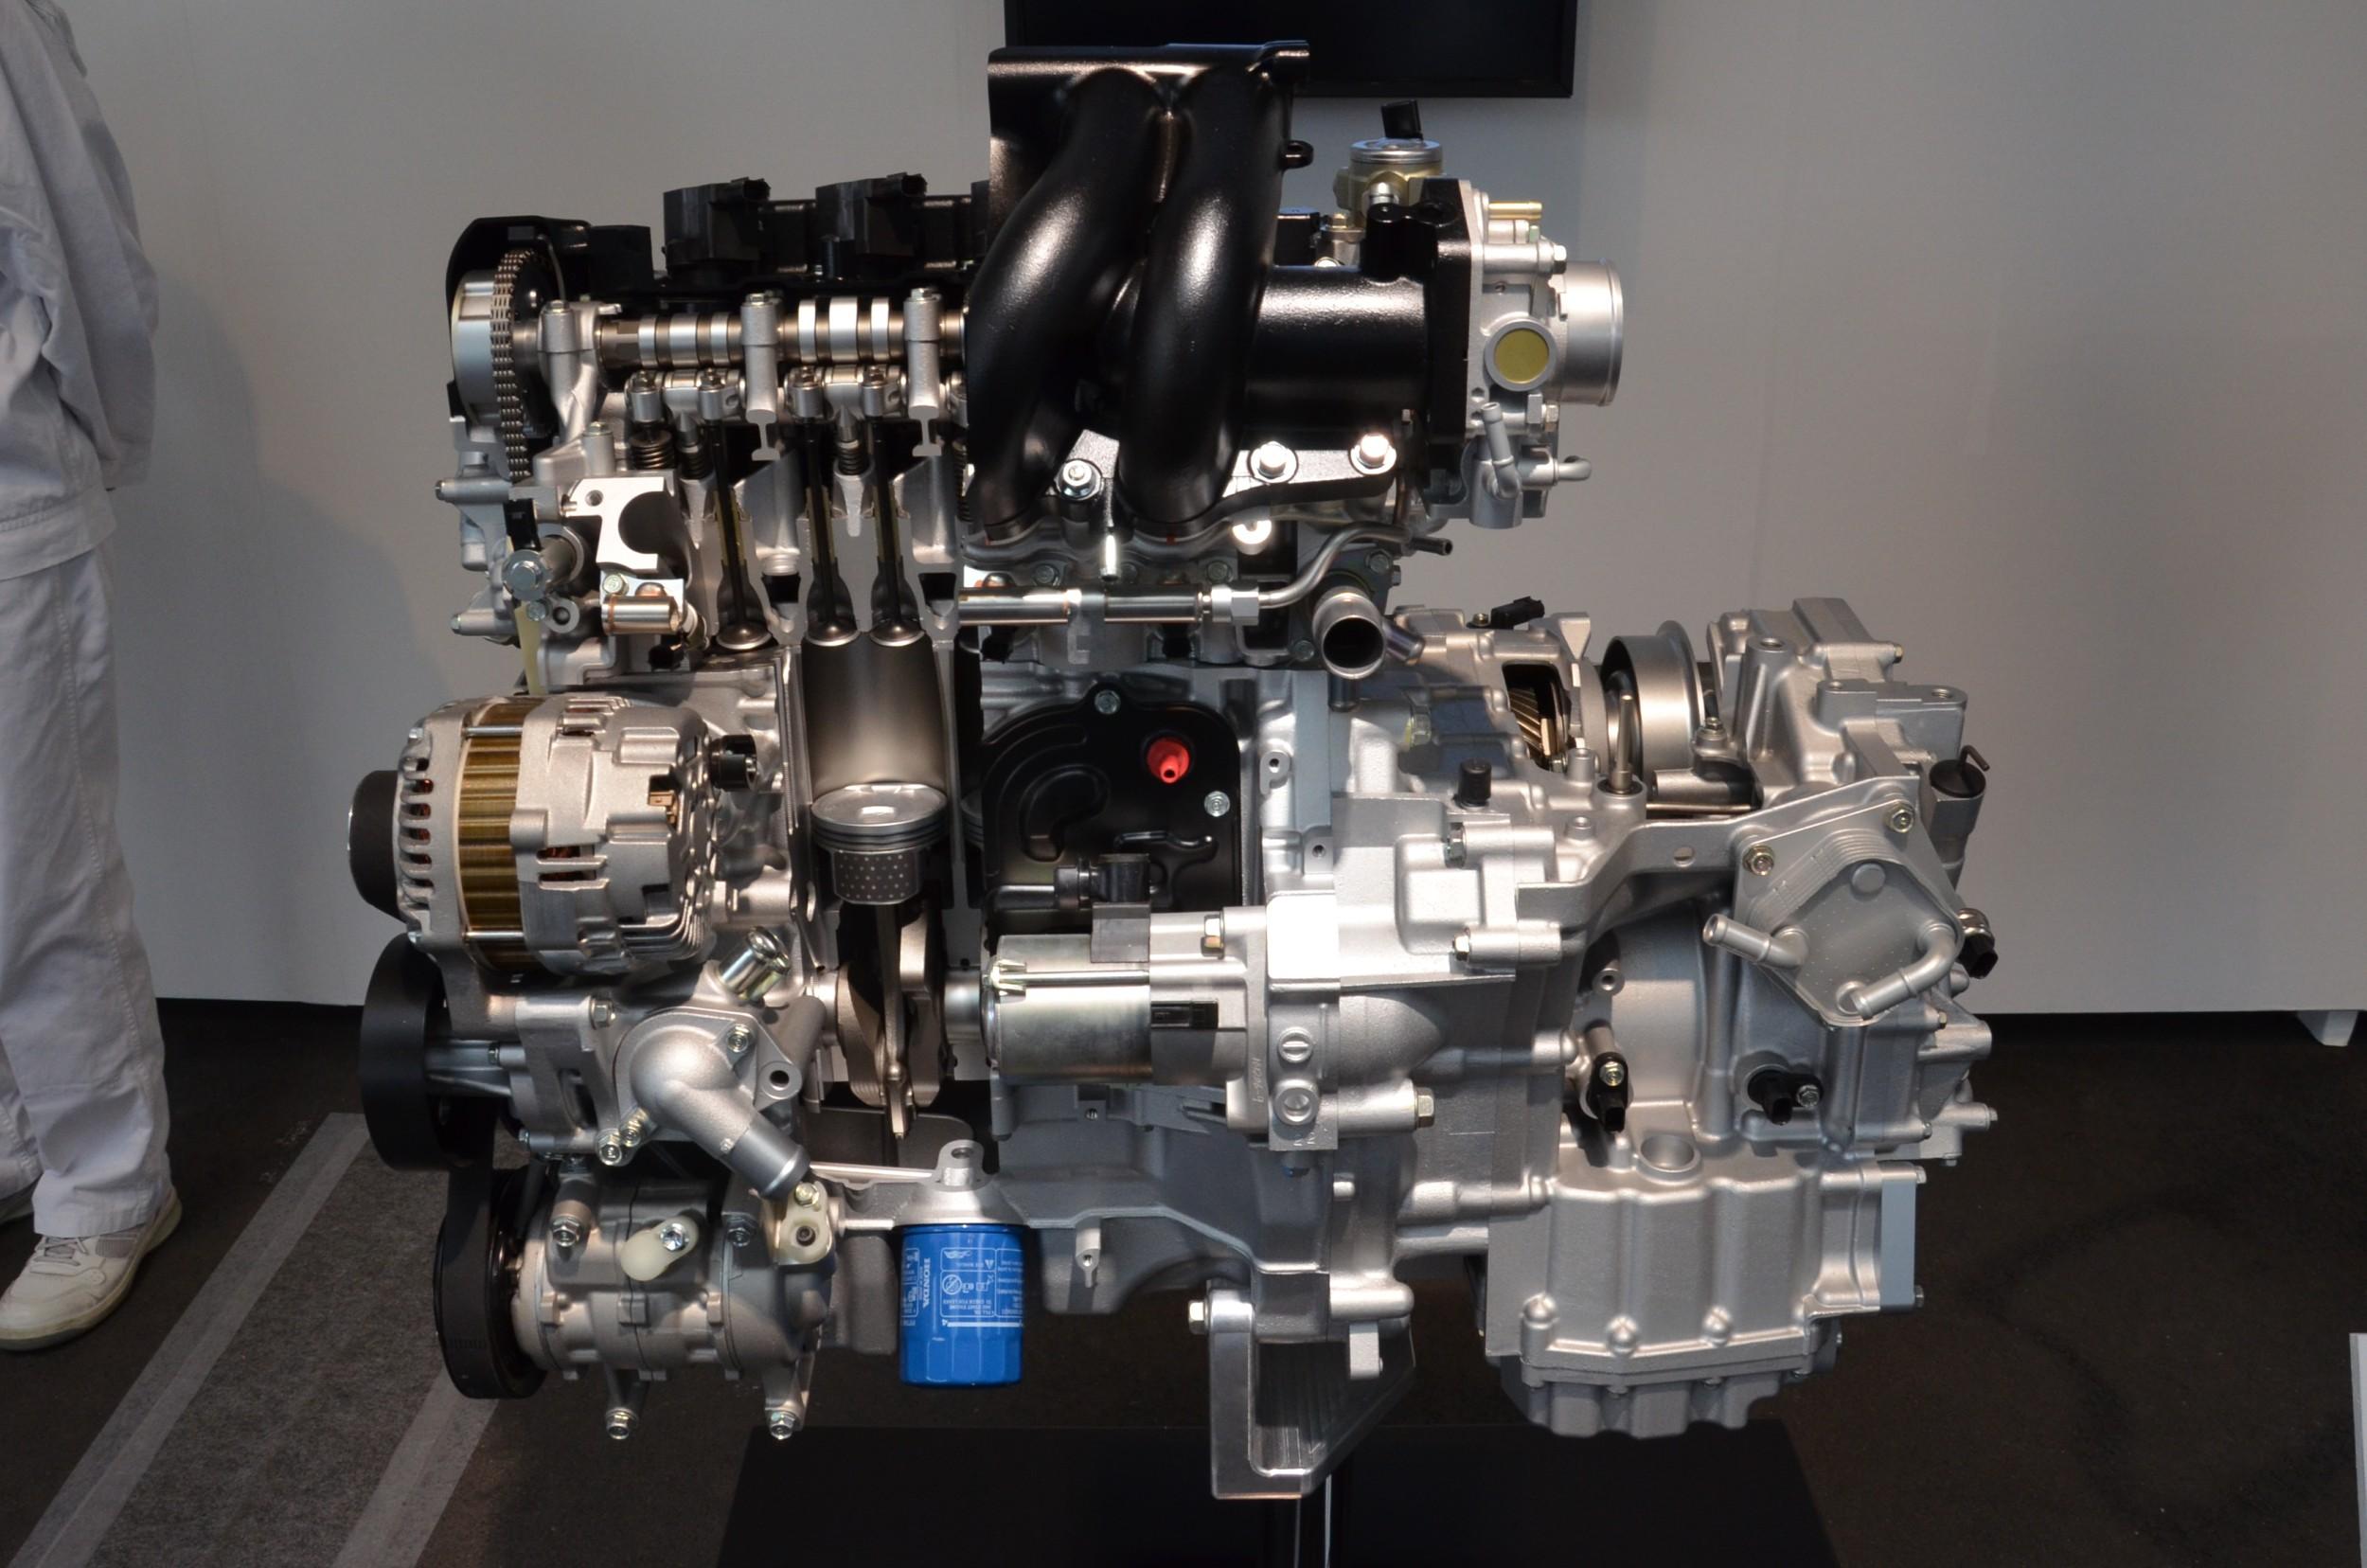 Honda Earth Dreams 2012 1 5 Litre I Vtec Di Engine And G